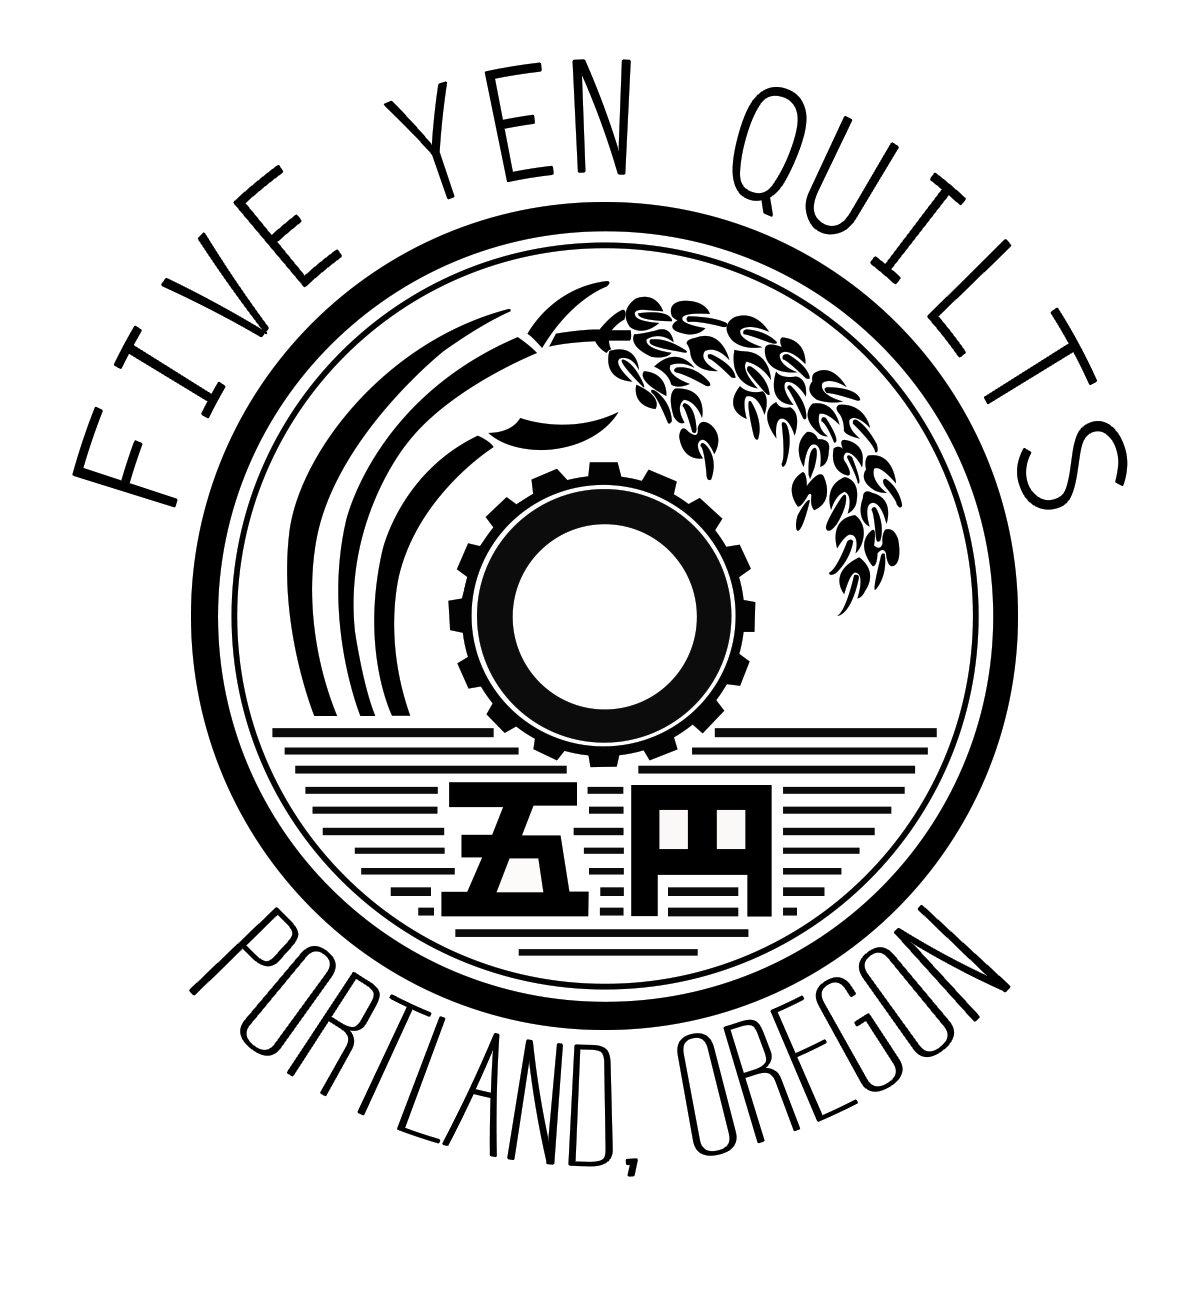 Five yen quilts